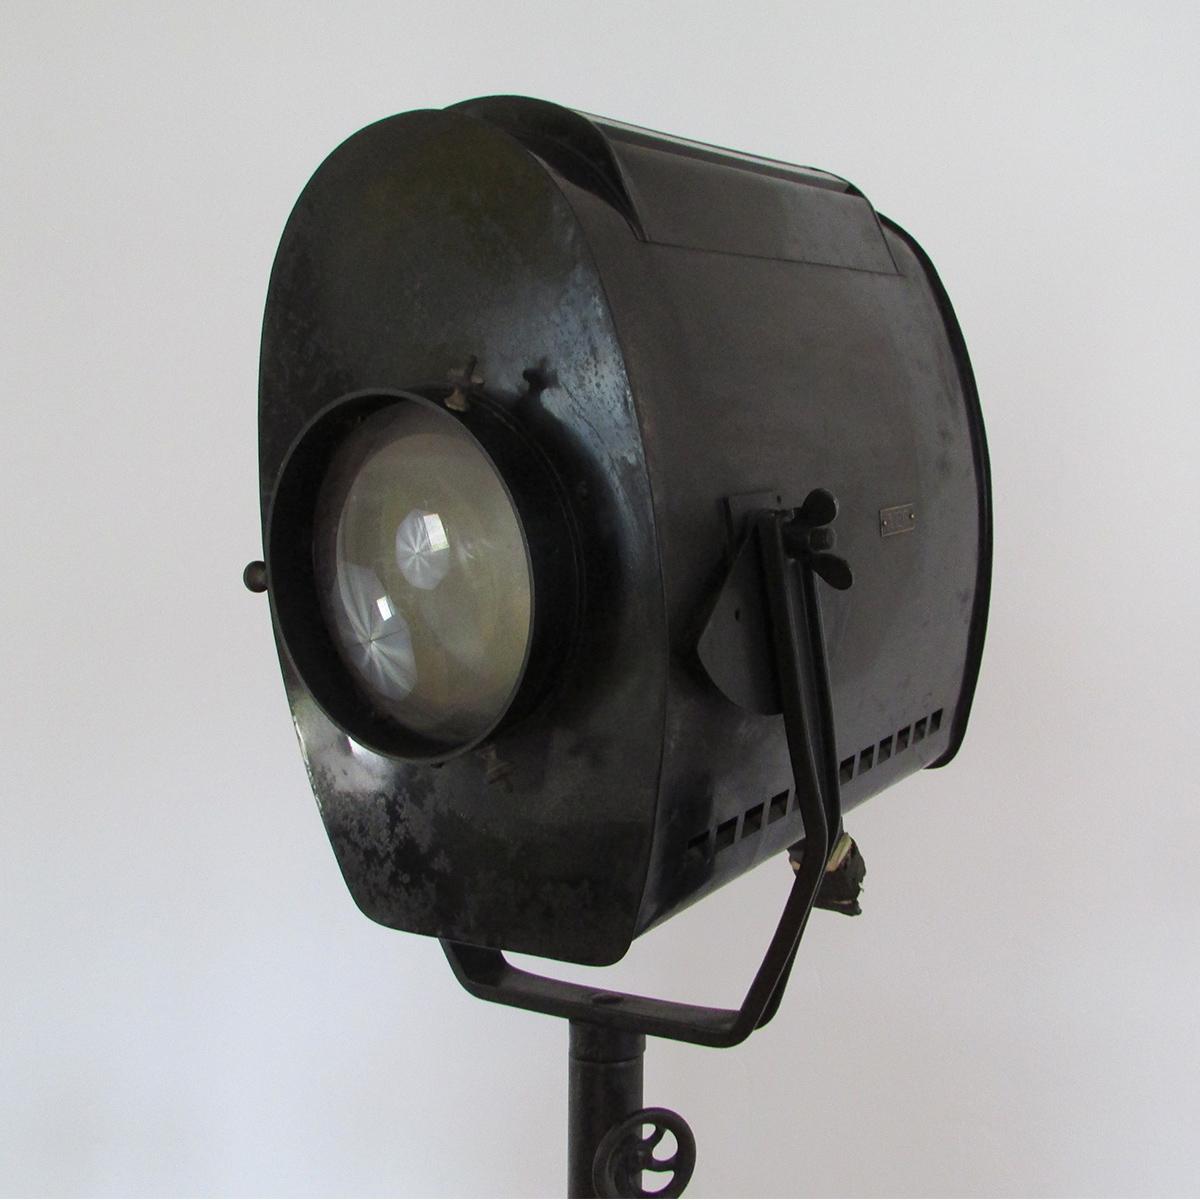 AEG-cinema-lamp-light-projector-vintage